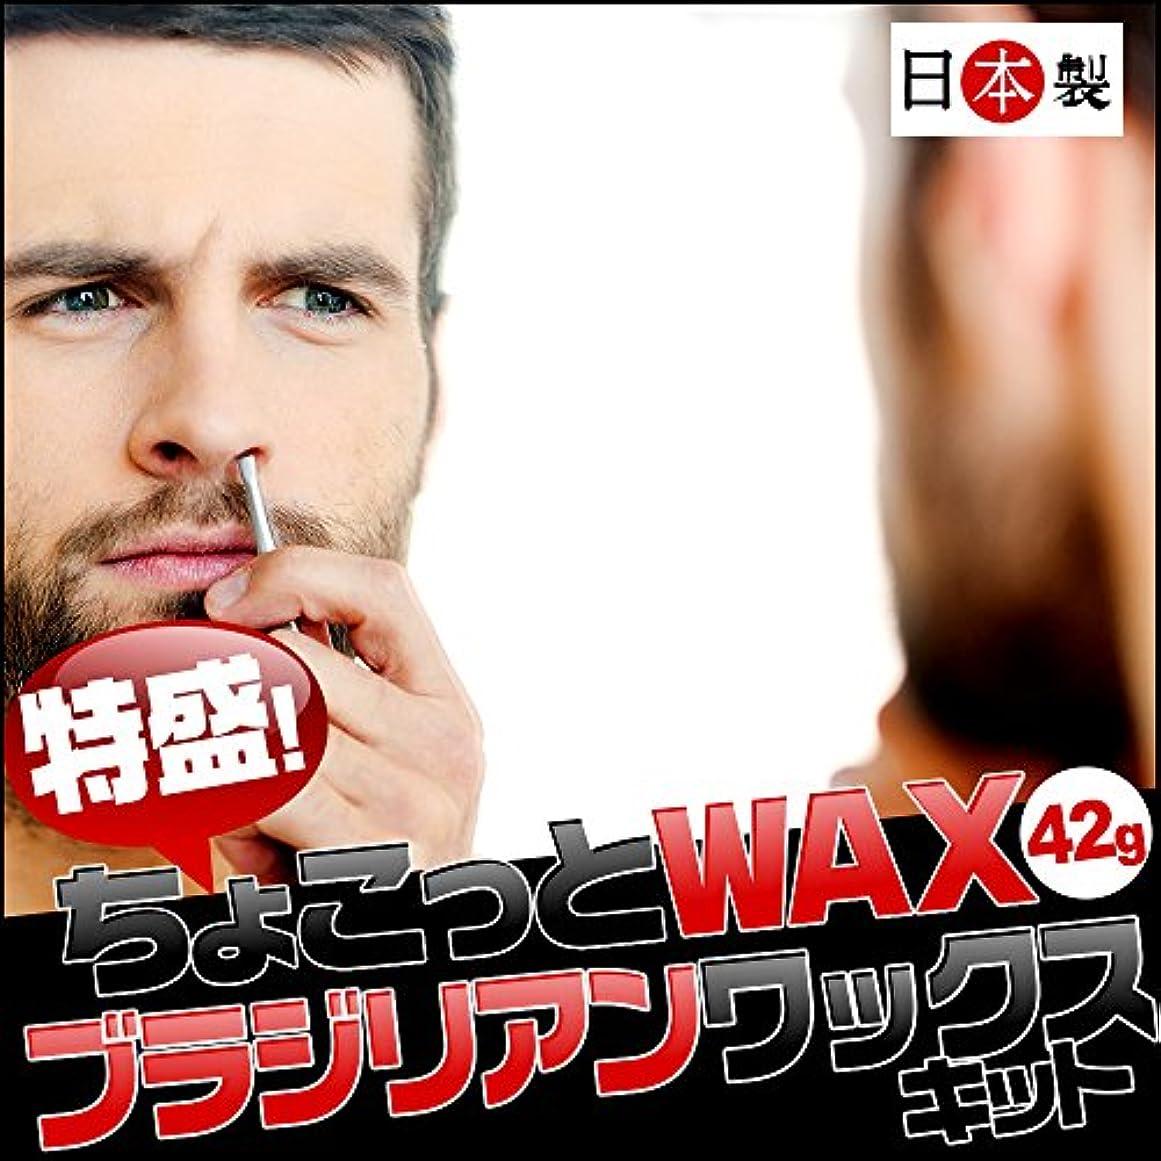 登る学校の先生議題日本製ワックスで安心!鼻毛脱毛  特盛  ちょこっとWax 6回分 (鼻毛スティック6本+脱毛スパチュラ3本)